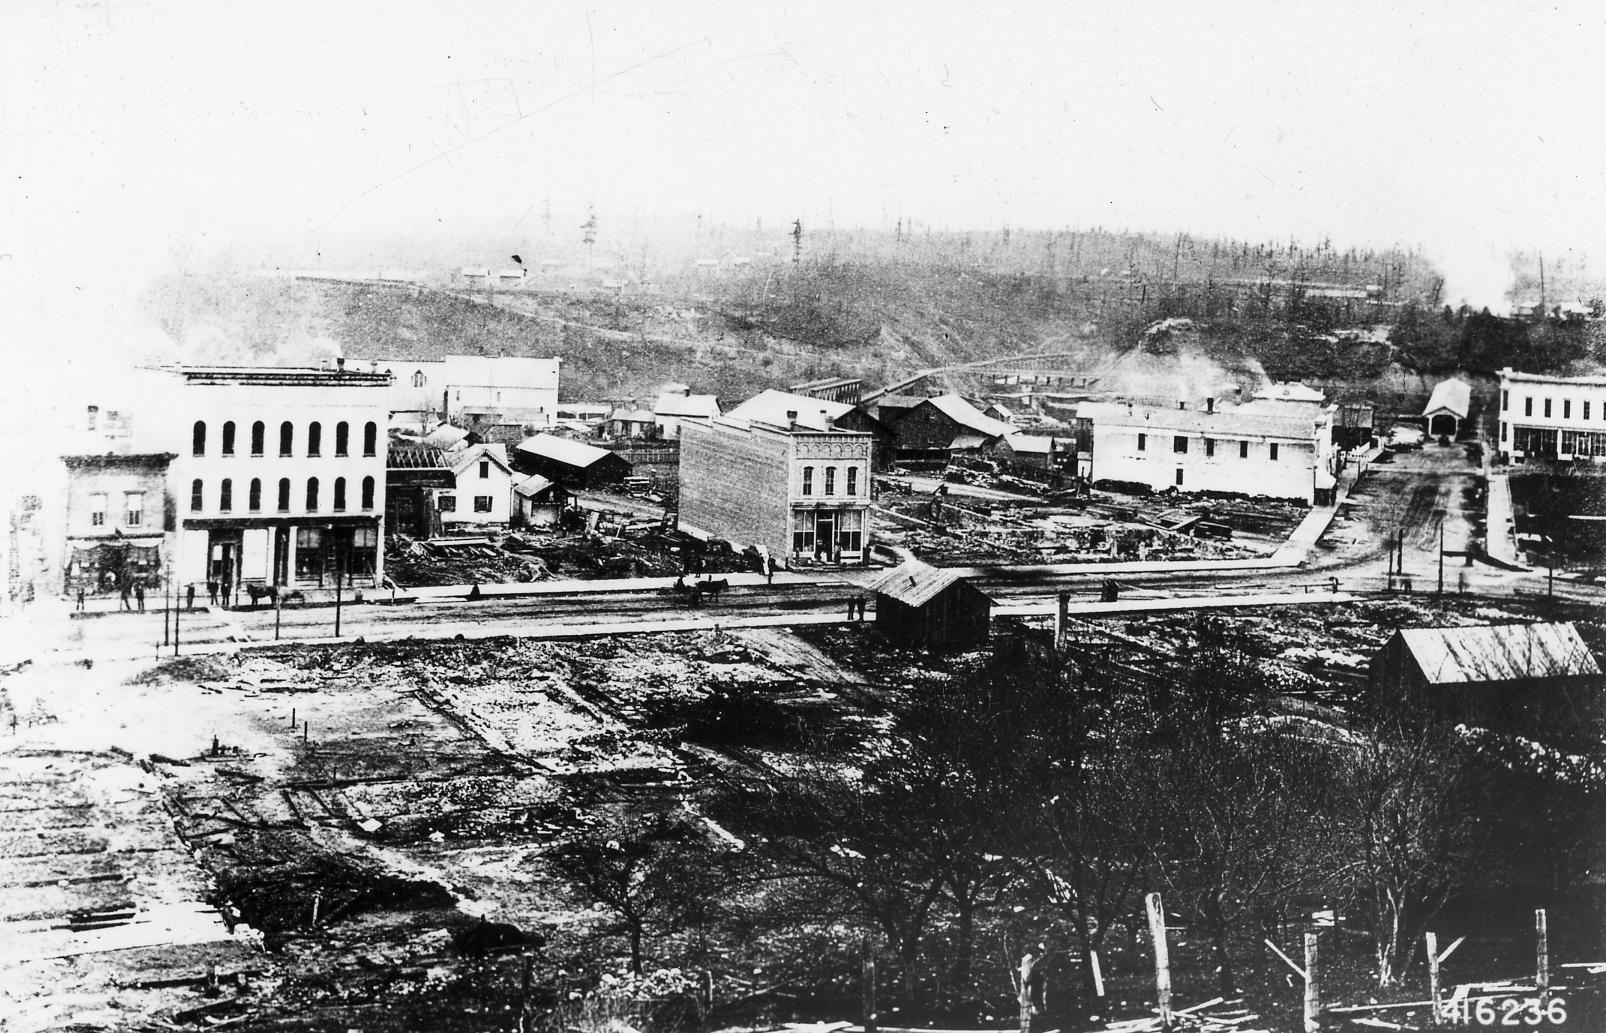 Croton Dam Mich History